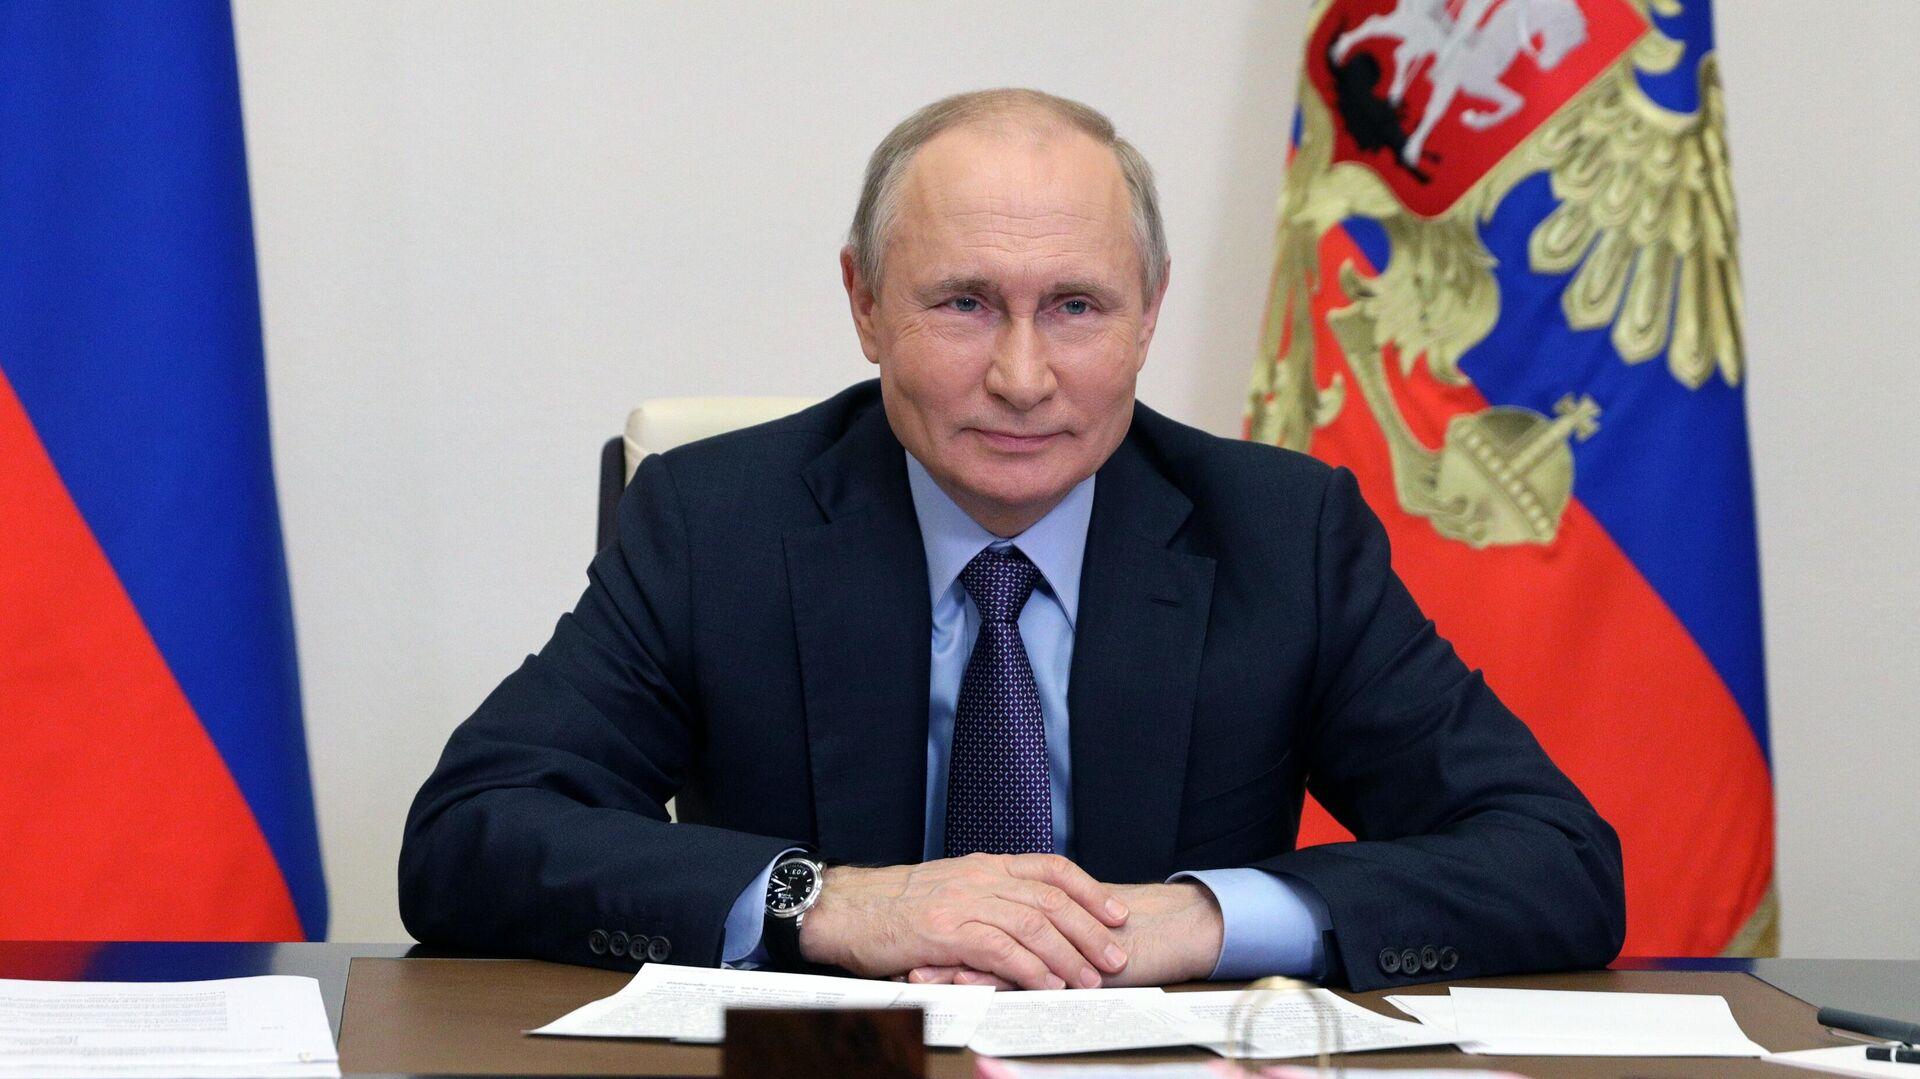 Президент РФ Владимир Путин в режиме видеоконференции принимает участие в запуске Амурского газоперерабатывающего завода компании Газпром - РИА Новости, 1920, 12.06.2021